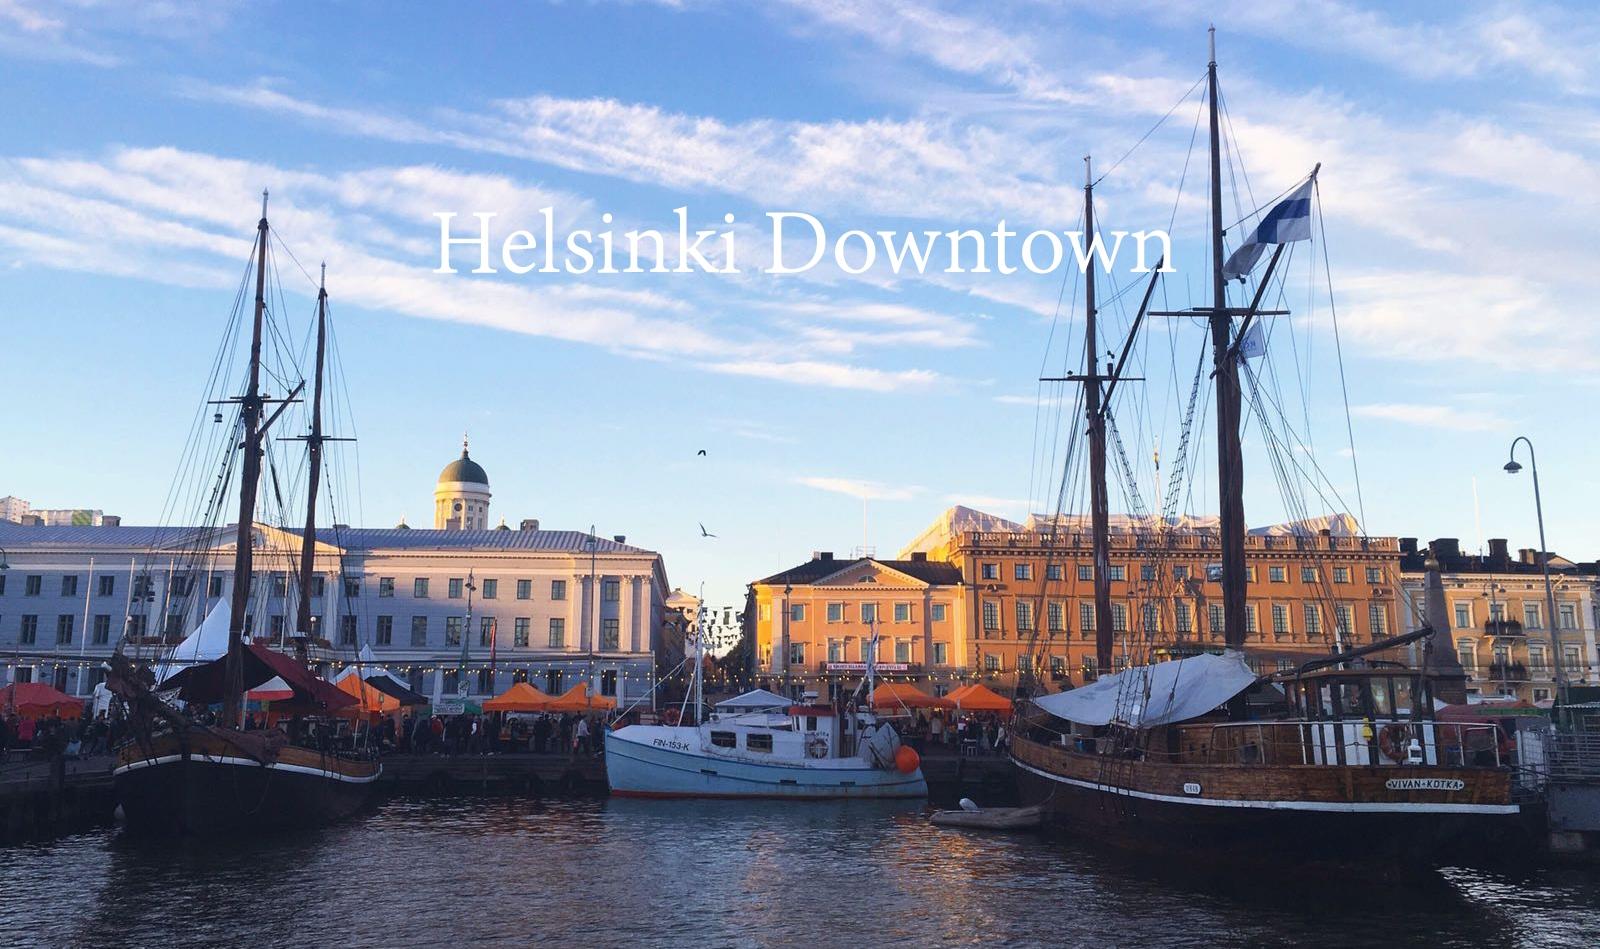 Helsinki Downtown logo